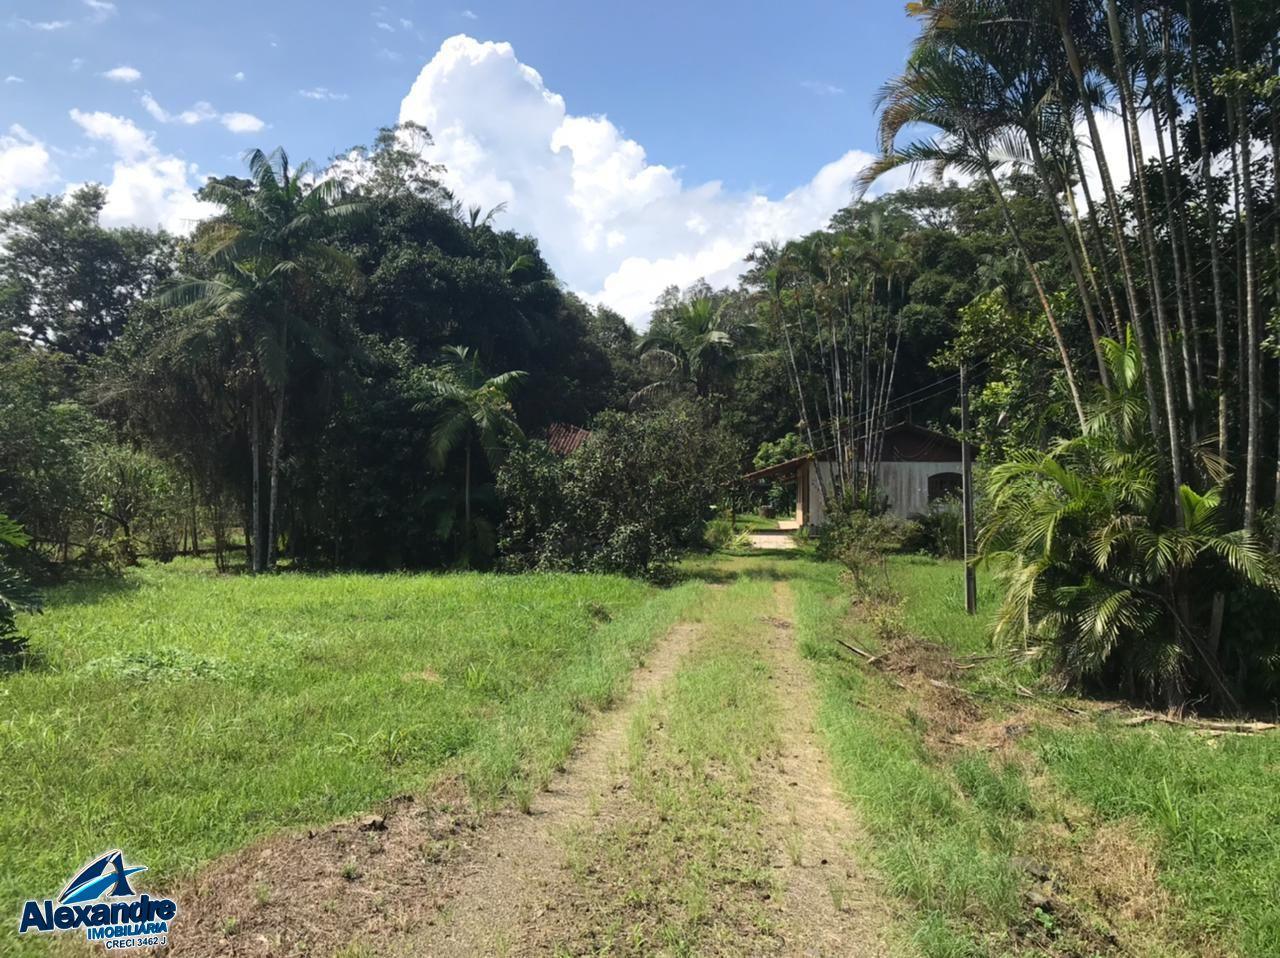 Terreno/Lote à venda  no Vieira - Jaraguá do Sul, SC. Imóveis